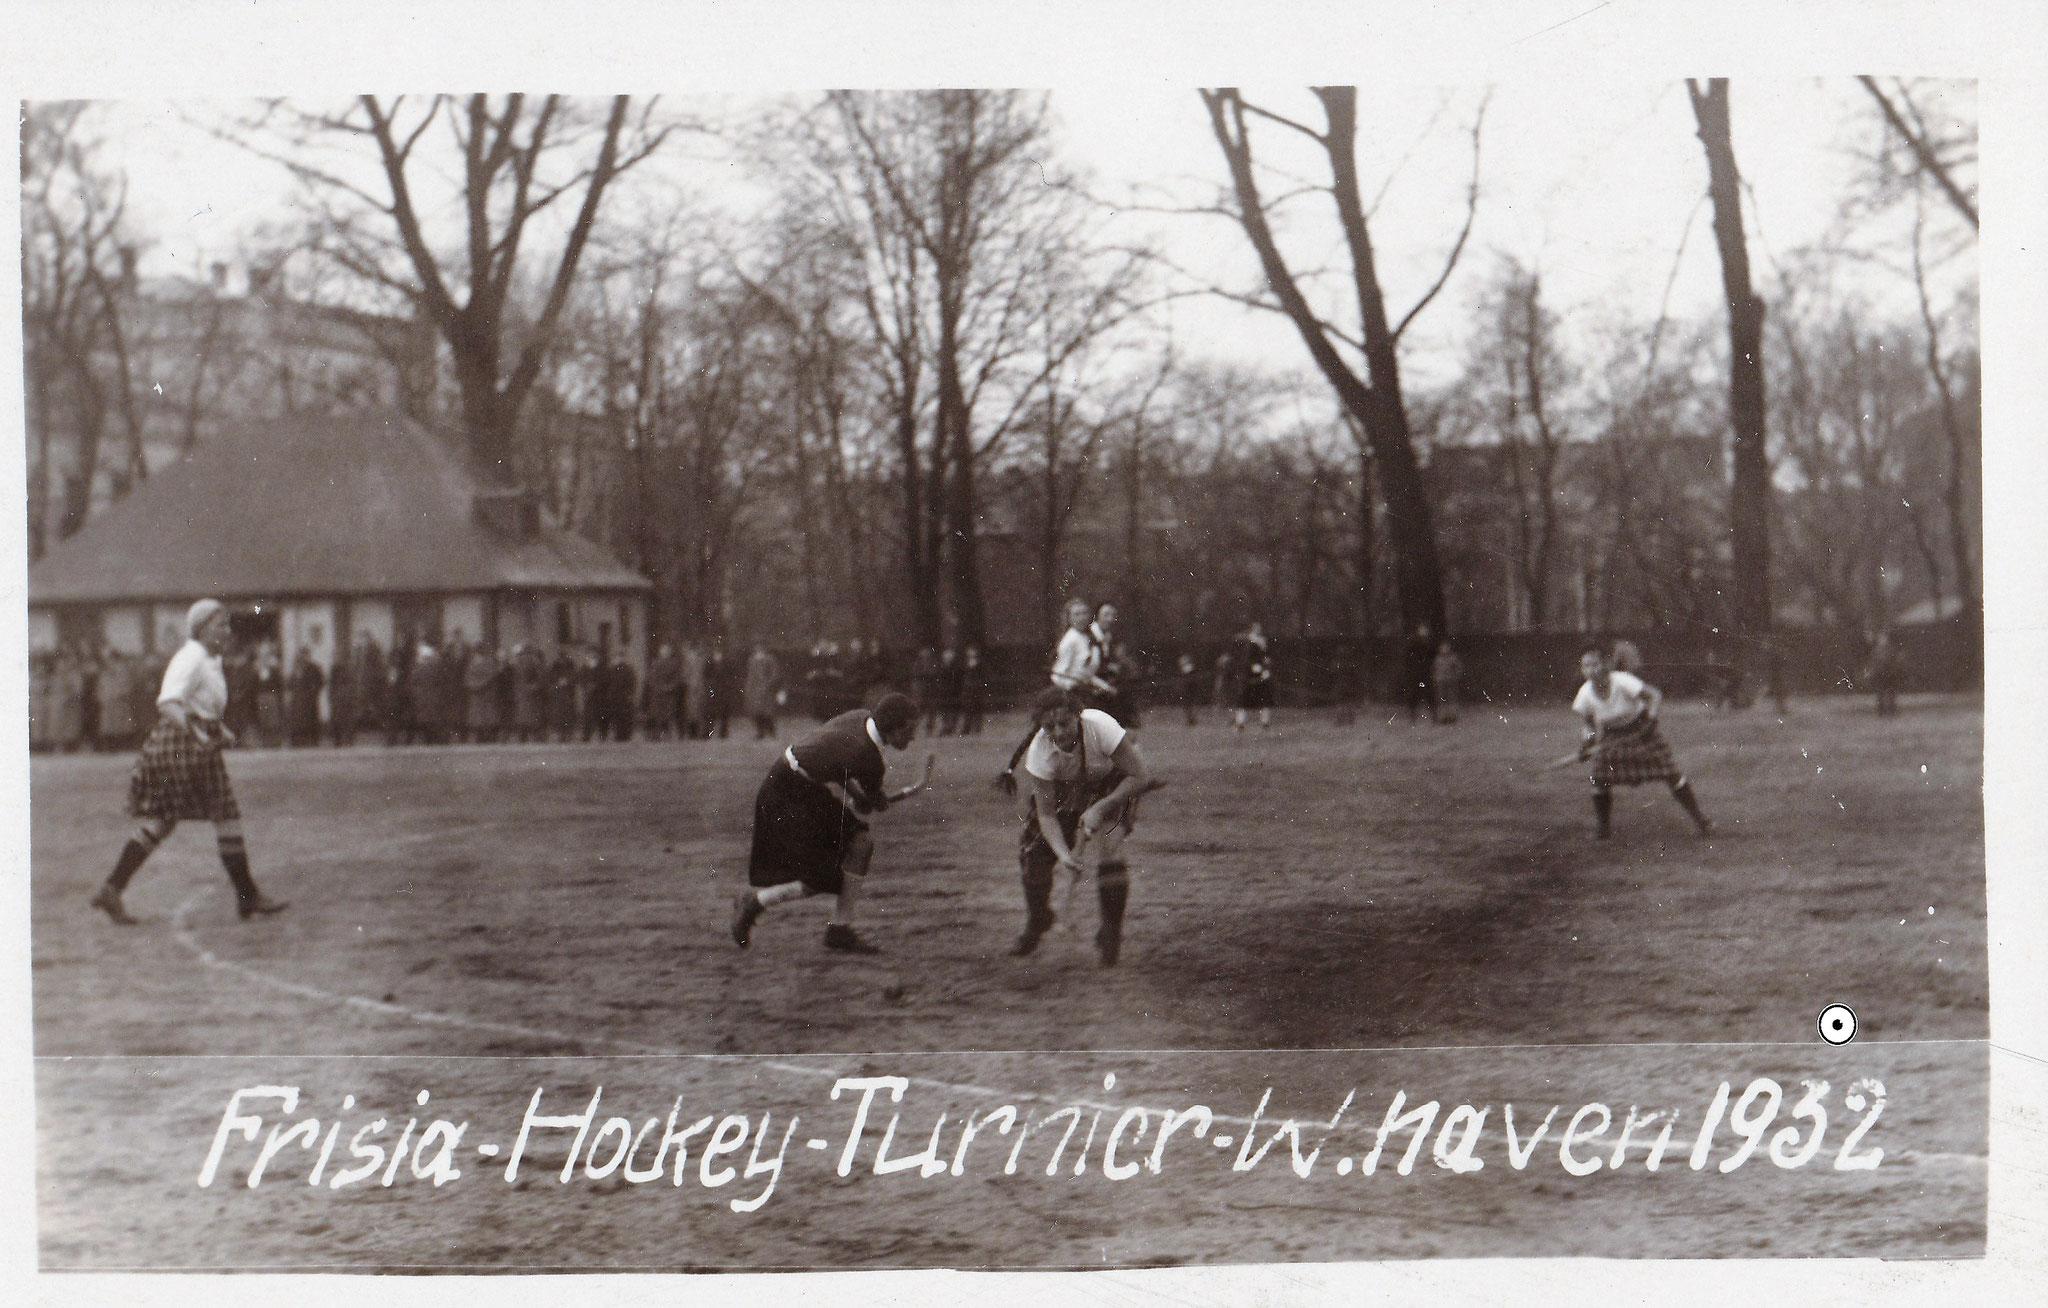 Hockey-Turnier 1932, links im Hintergrund das Stationsgebäude